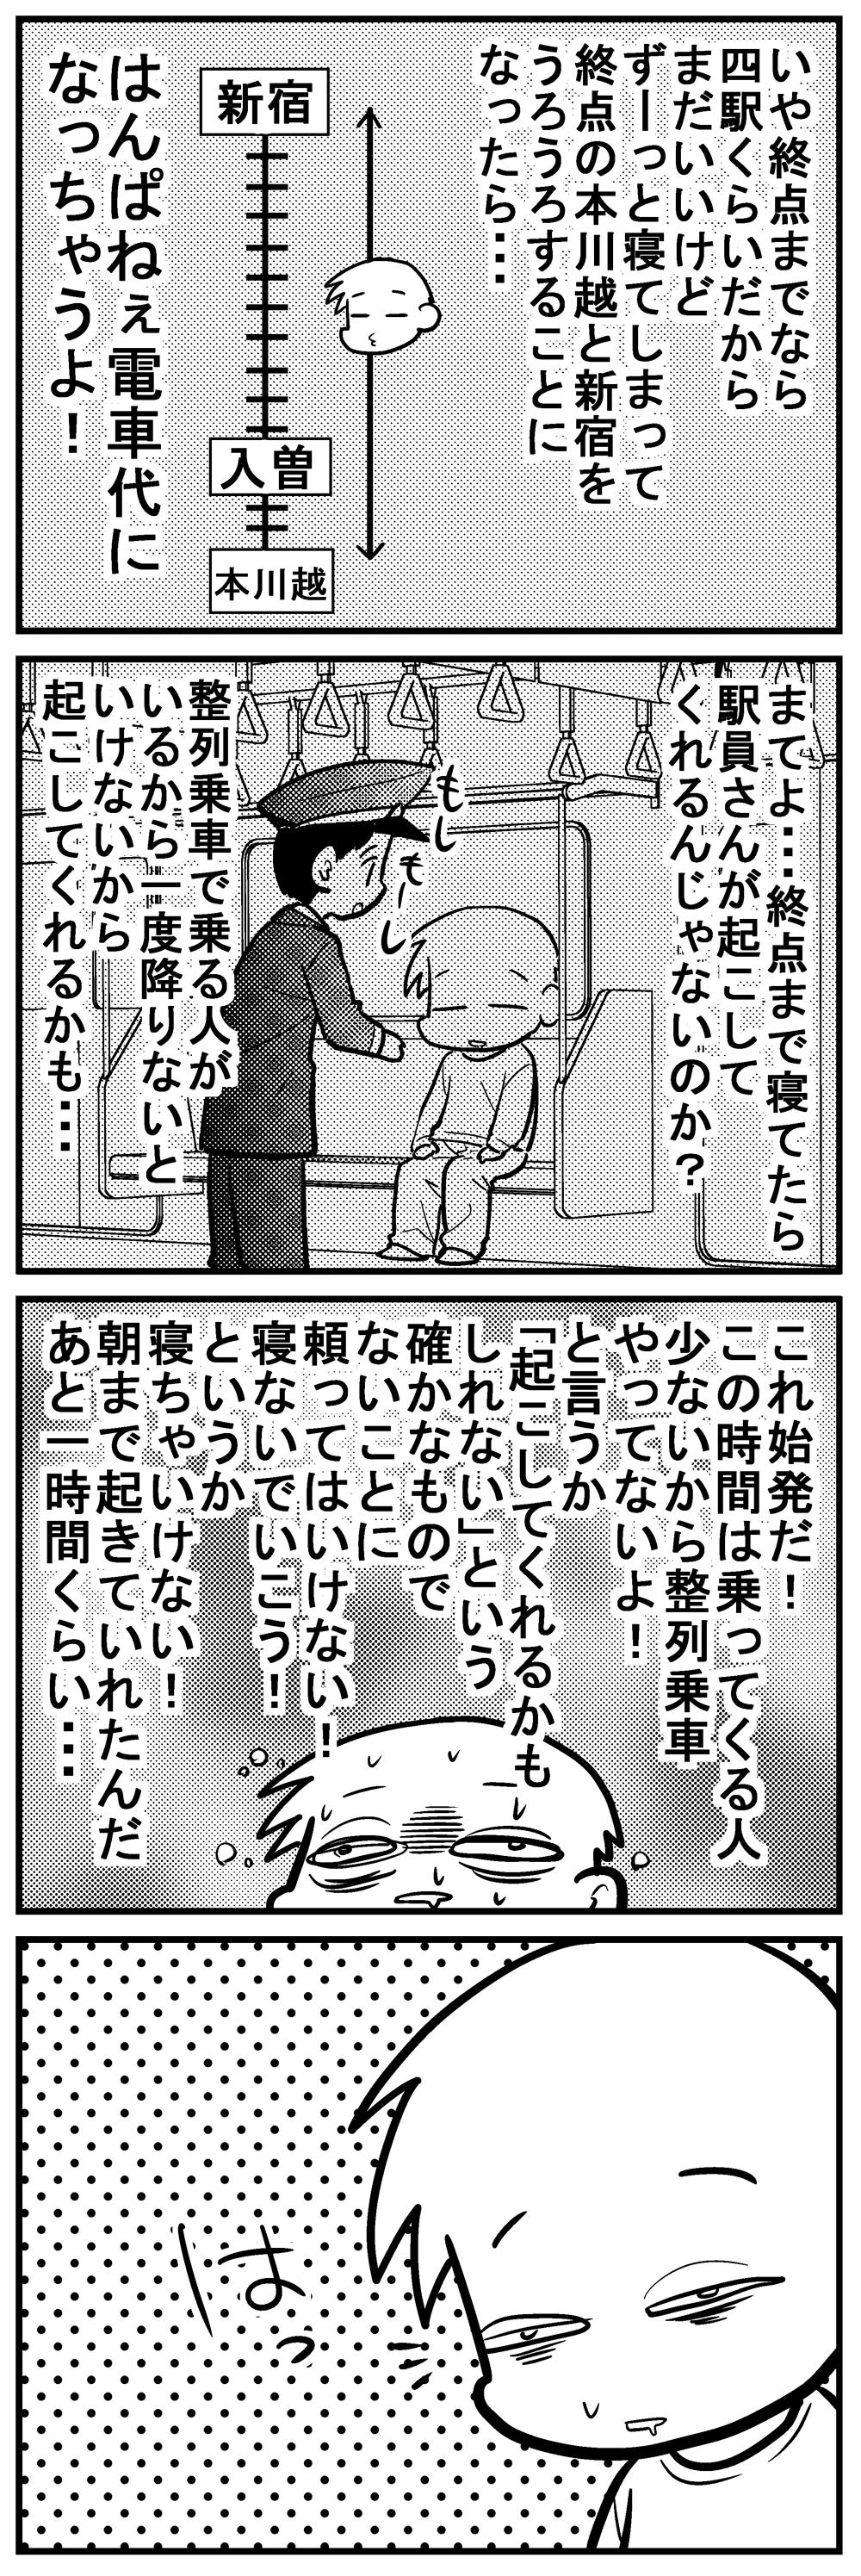 深読みくん117 3